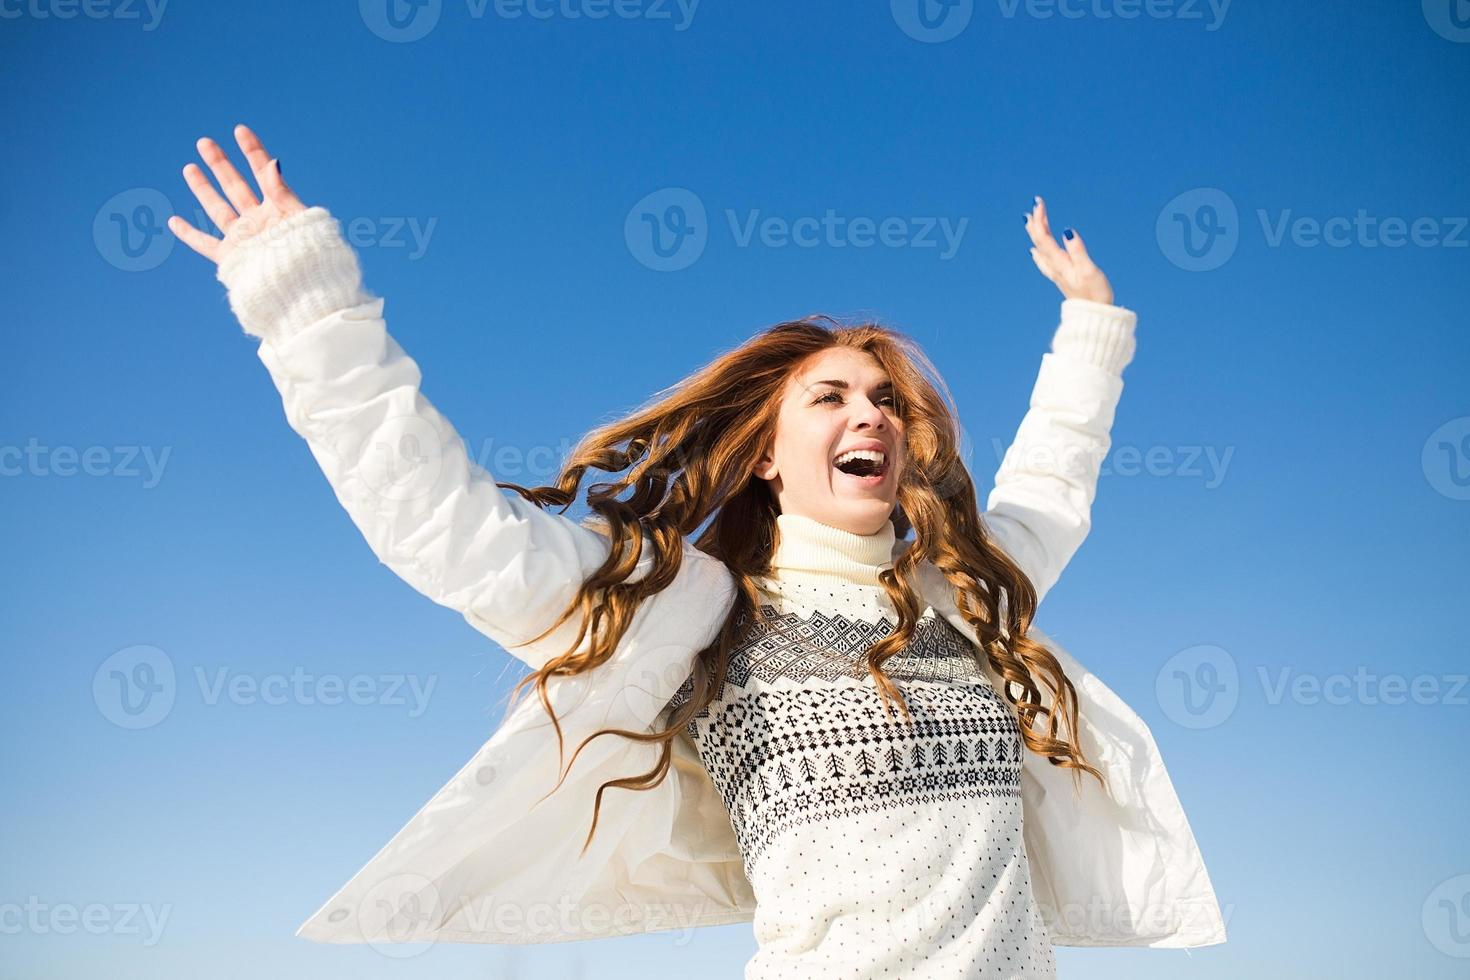 heureuse jeune femme s'amuser et profiter de la neige fraîche photo